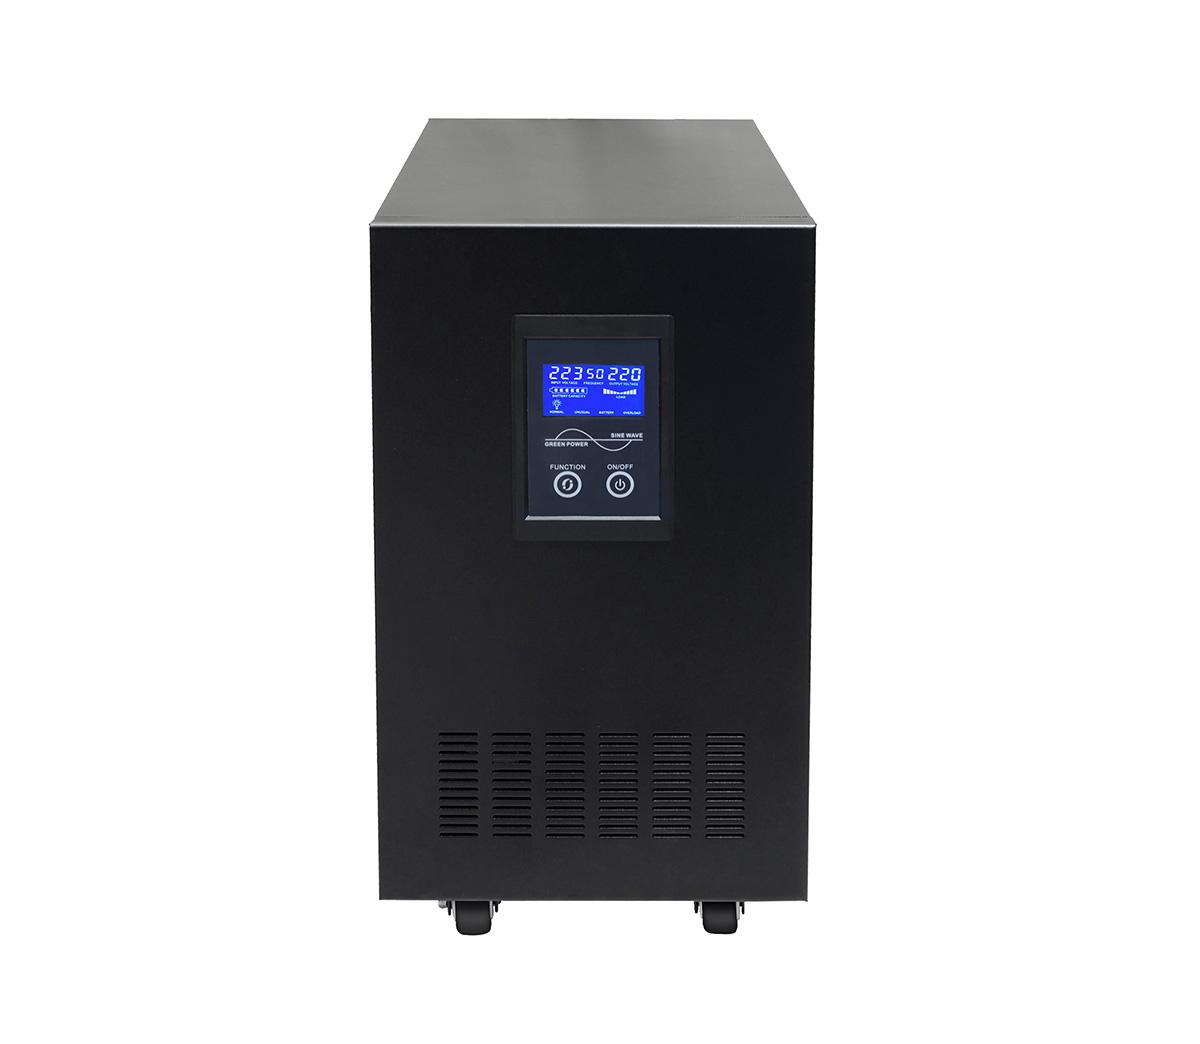 4KW/5KW/6KW 低频逆变电源